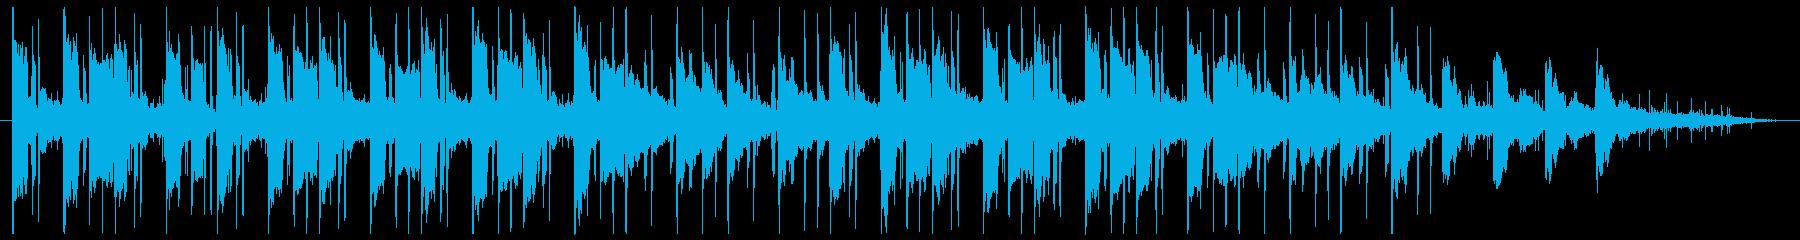 エレピ主体のLofiな雰囲気の再生済みの波形